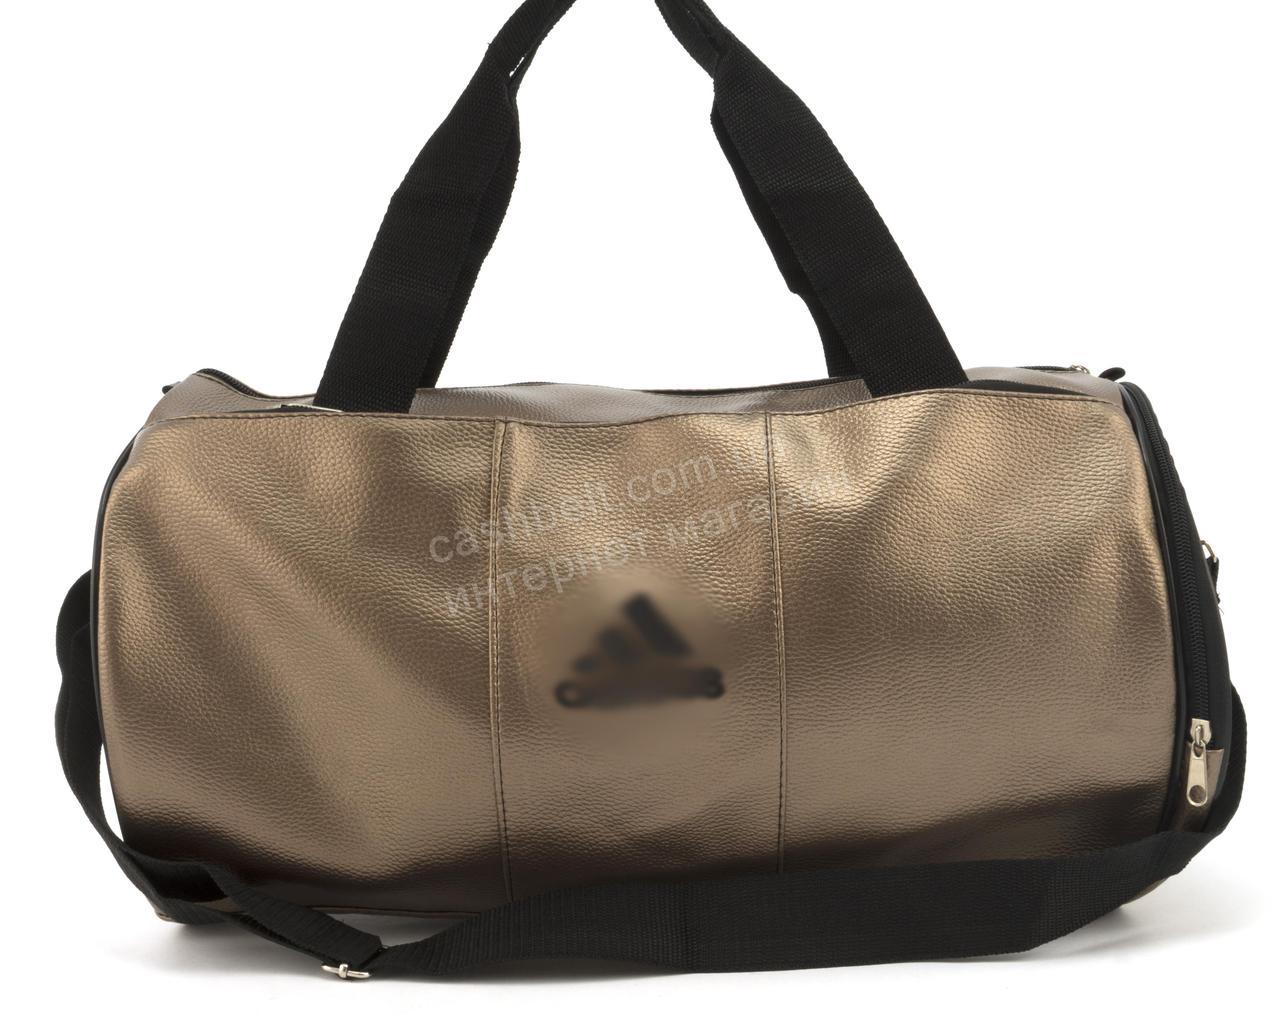 c41b95dd7810 Спортивная женская сумка из эко кожи бочонок art. 418 (102163) бронзовая